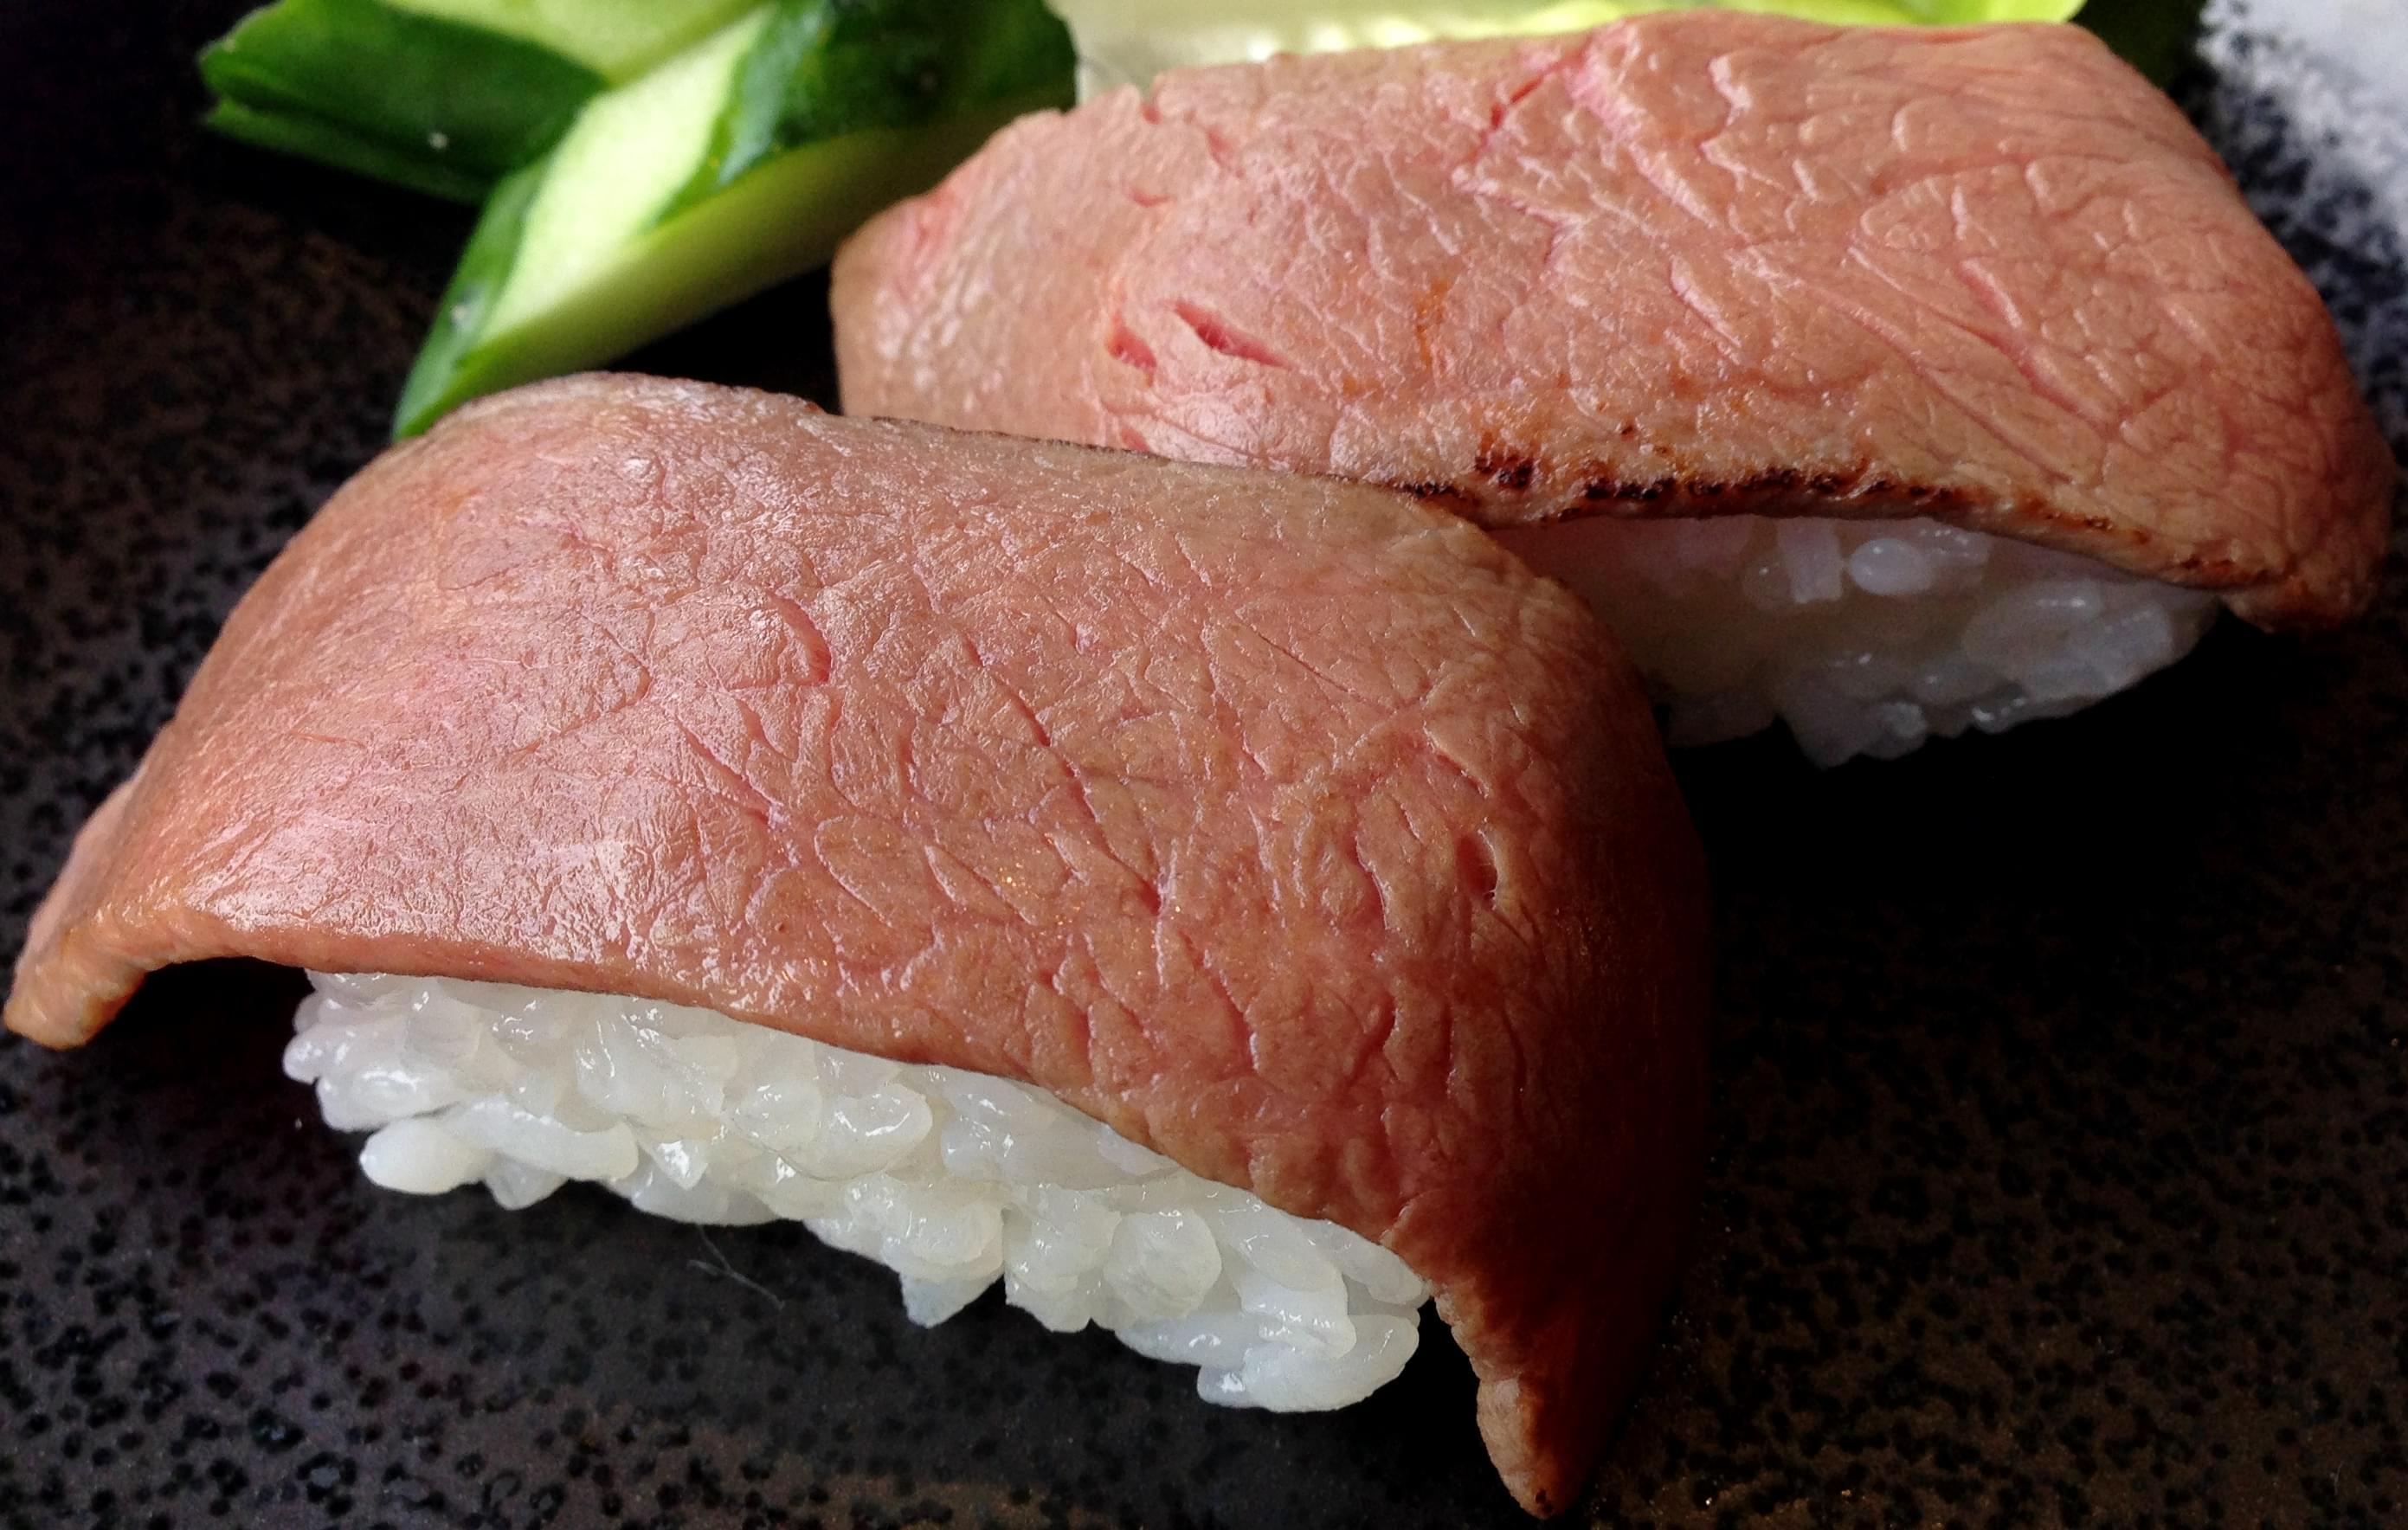 養老焼肉街道で飛騨牛を食べよう!おすすめ人気店2紹介